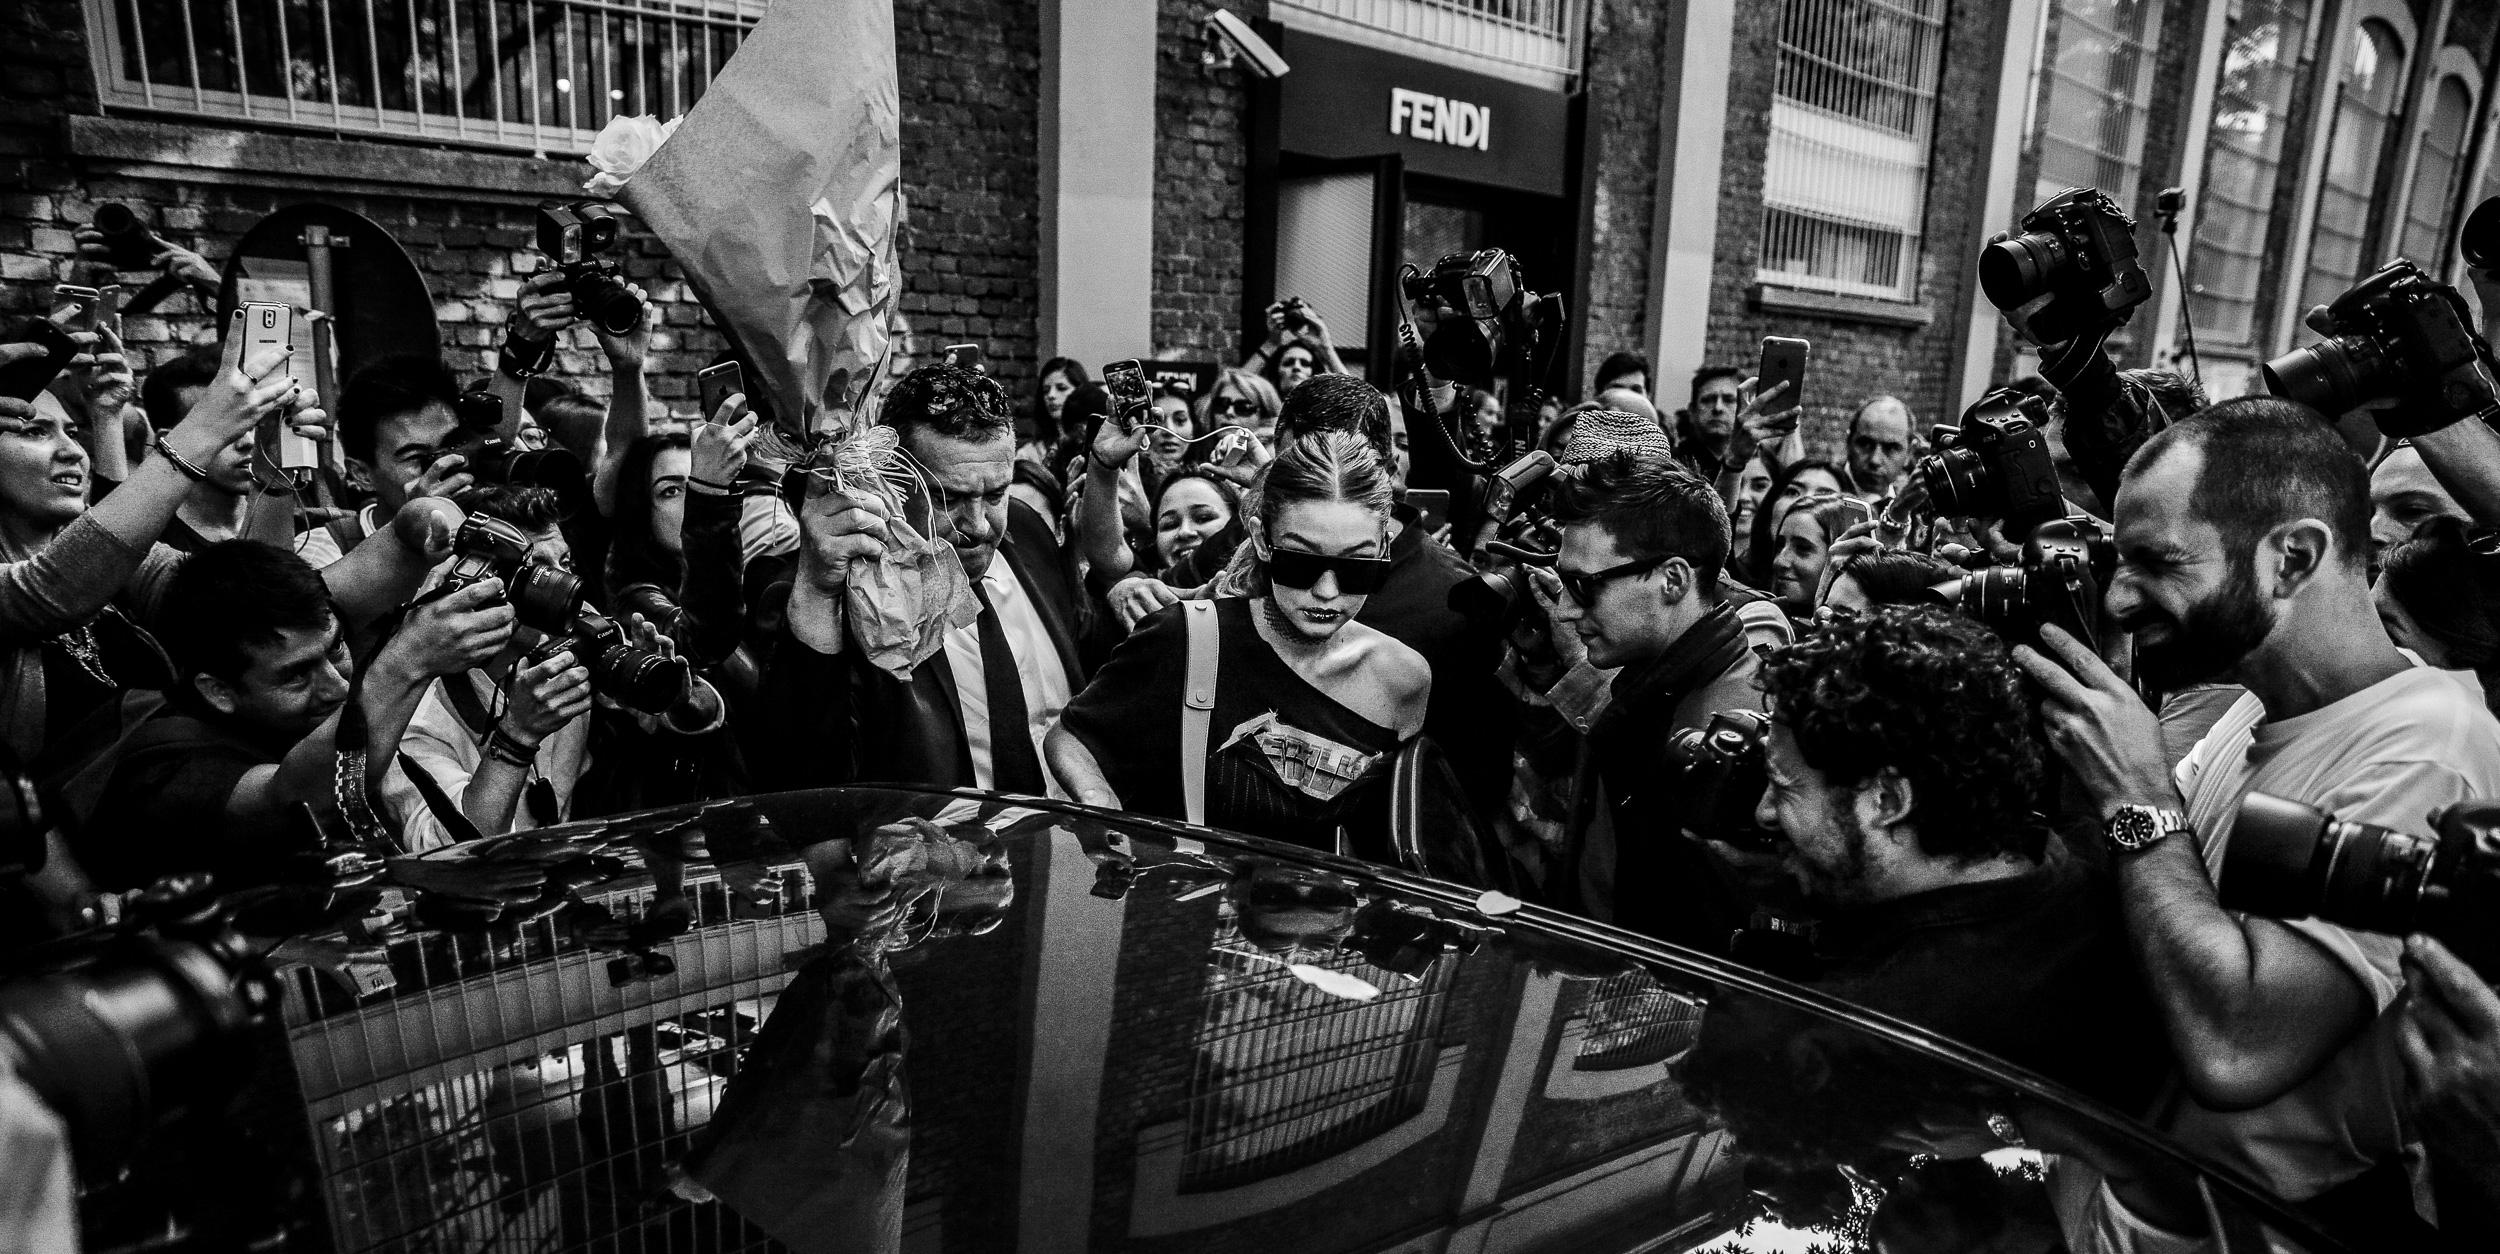 Gigi Hadid leaving Fendi SS17 Show during Milan Fashion Week